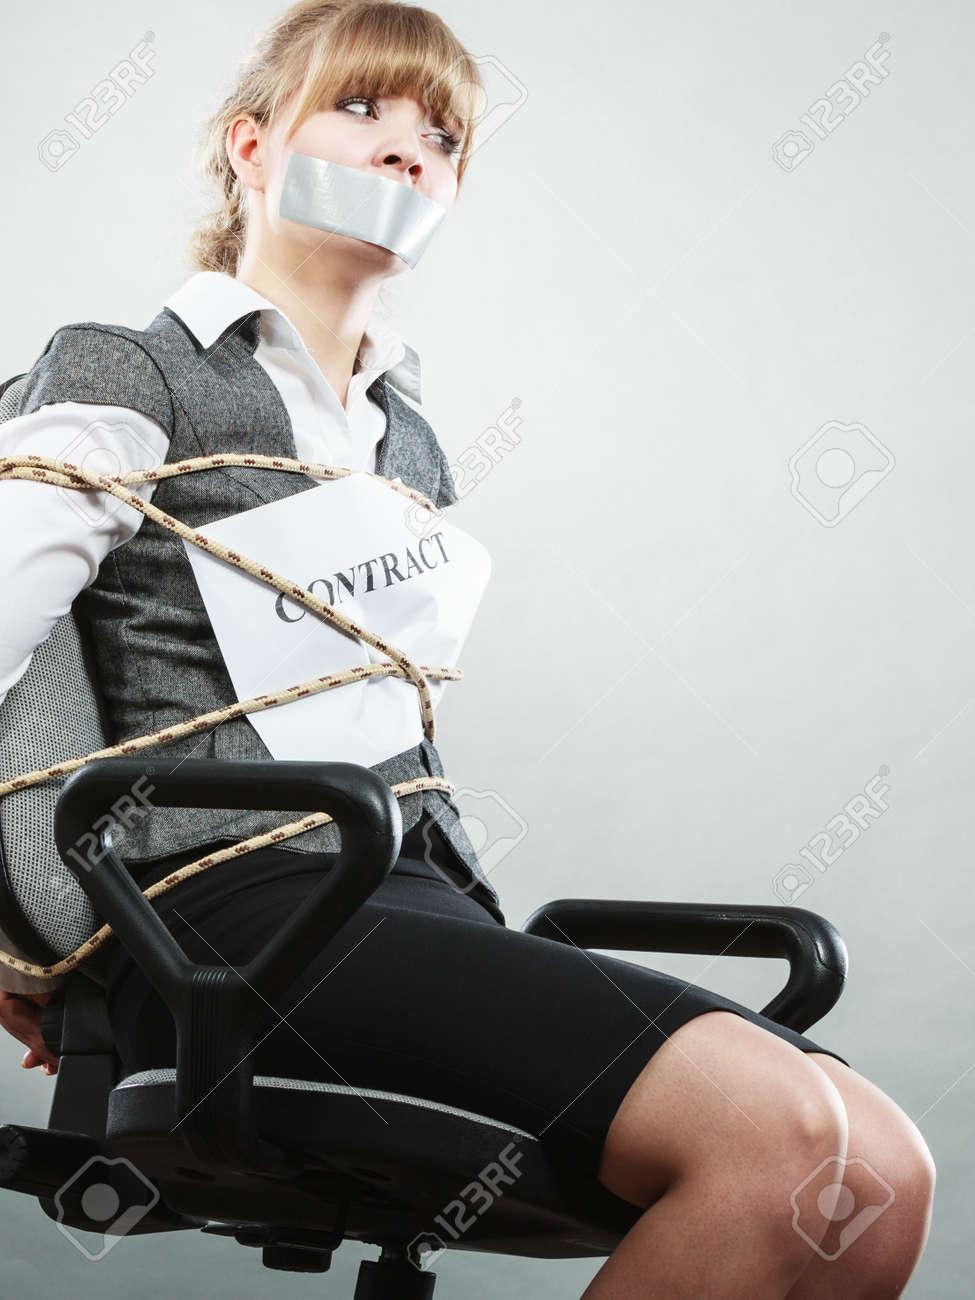 実業家は、契約条項に拘束、口をテープで条件がシャット ダウンを ...